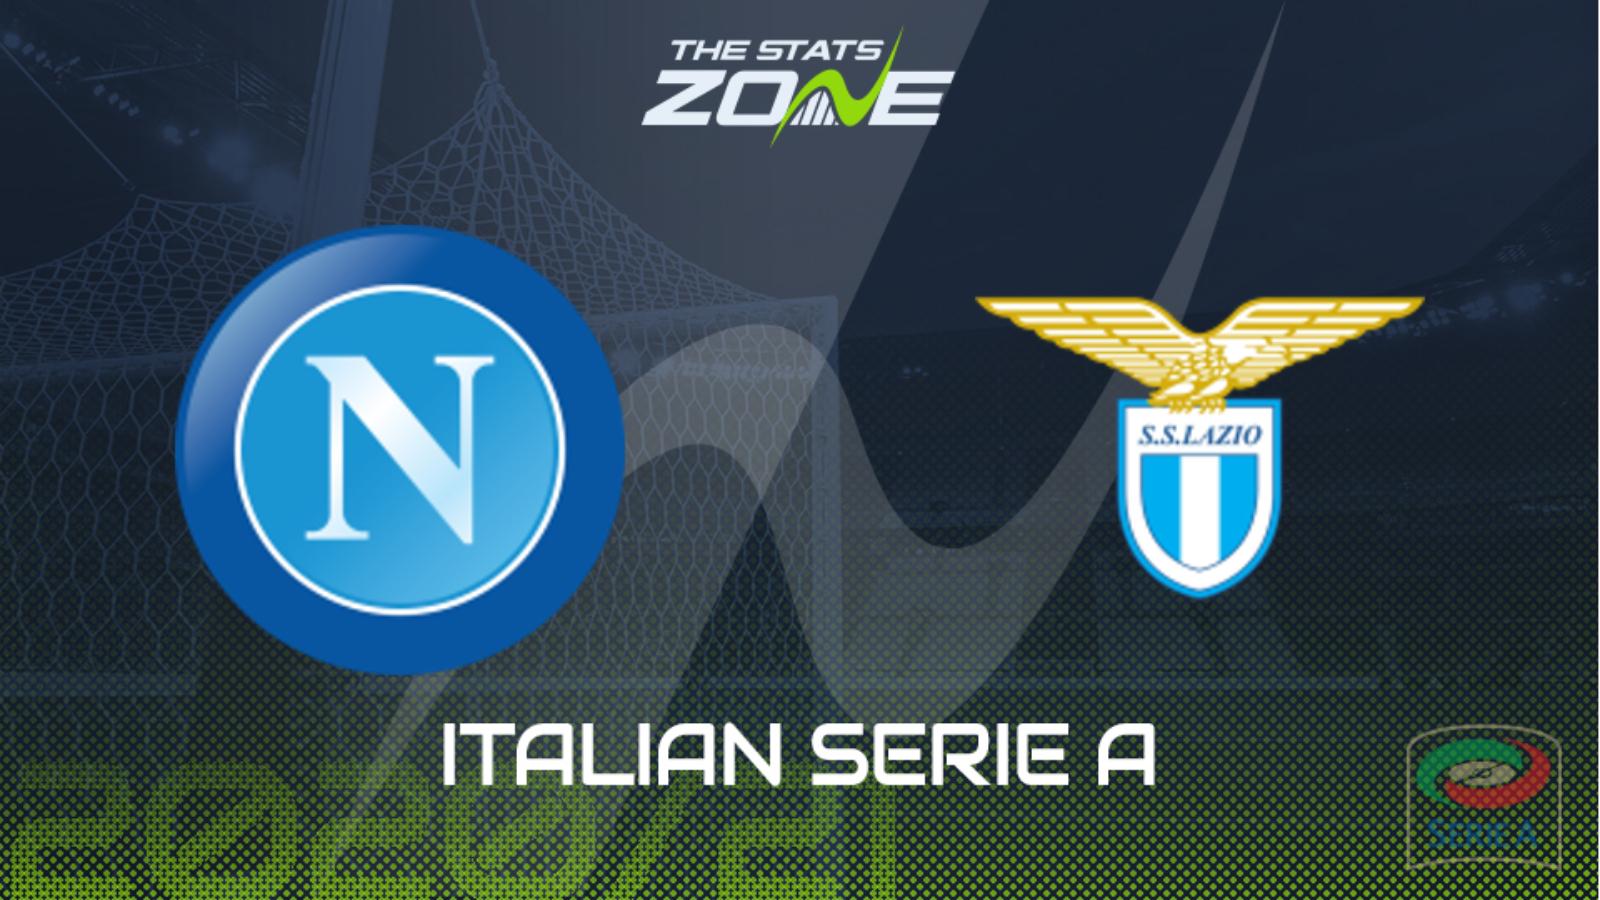 Napoli vs Lazio Full Match – Serie A 2020/21